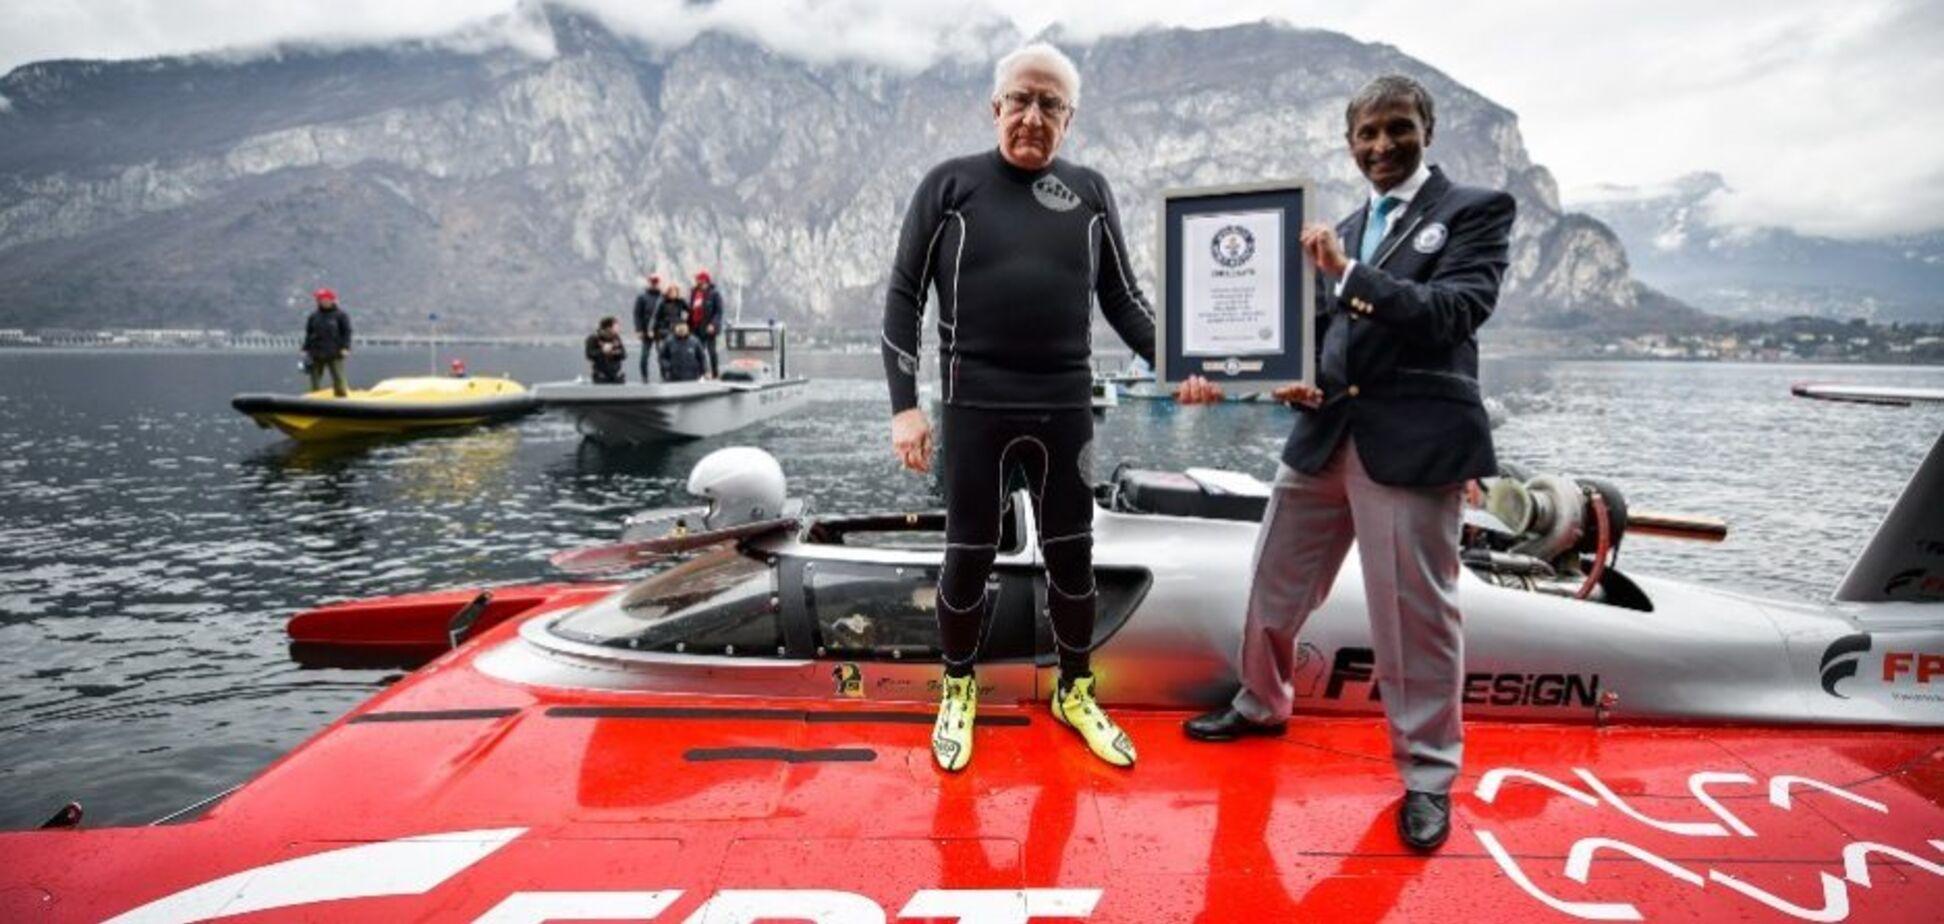 Десятикратный чемпион мира попытался побить рекорд и погиб